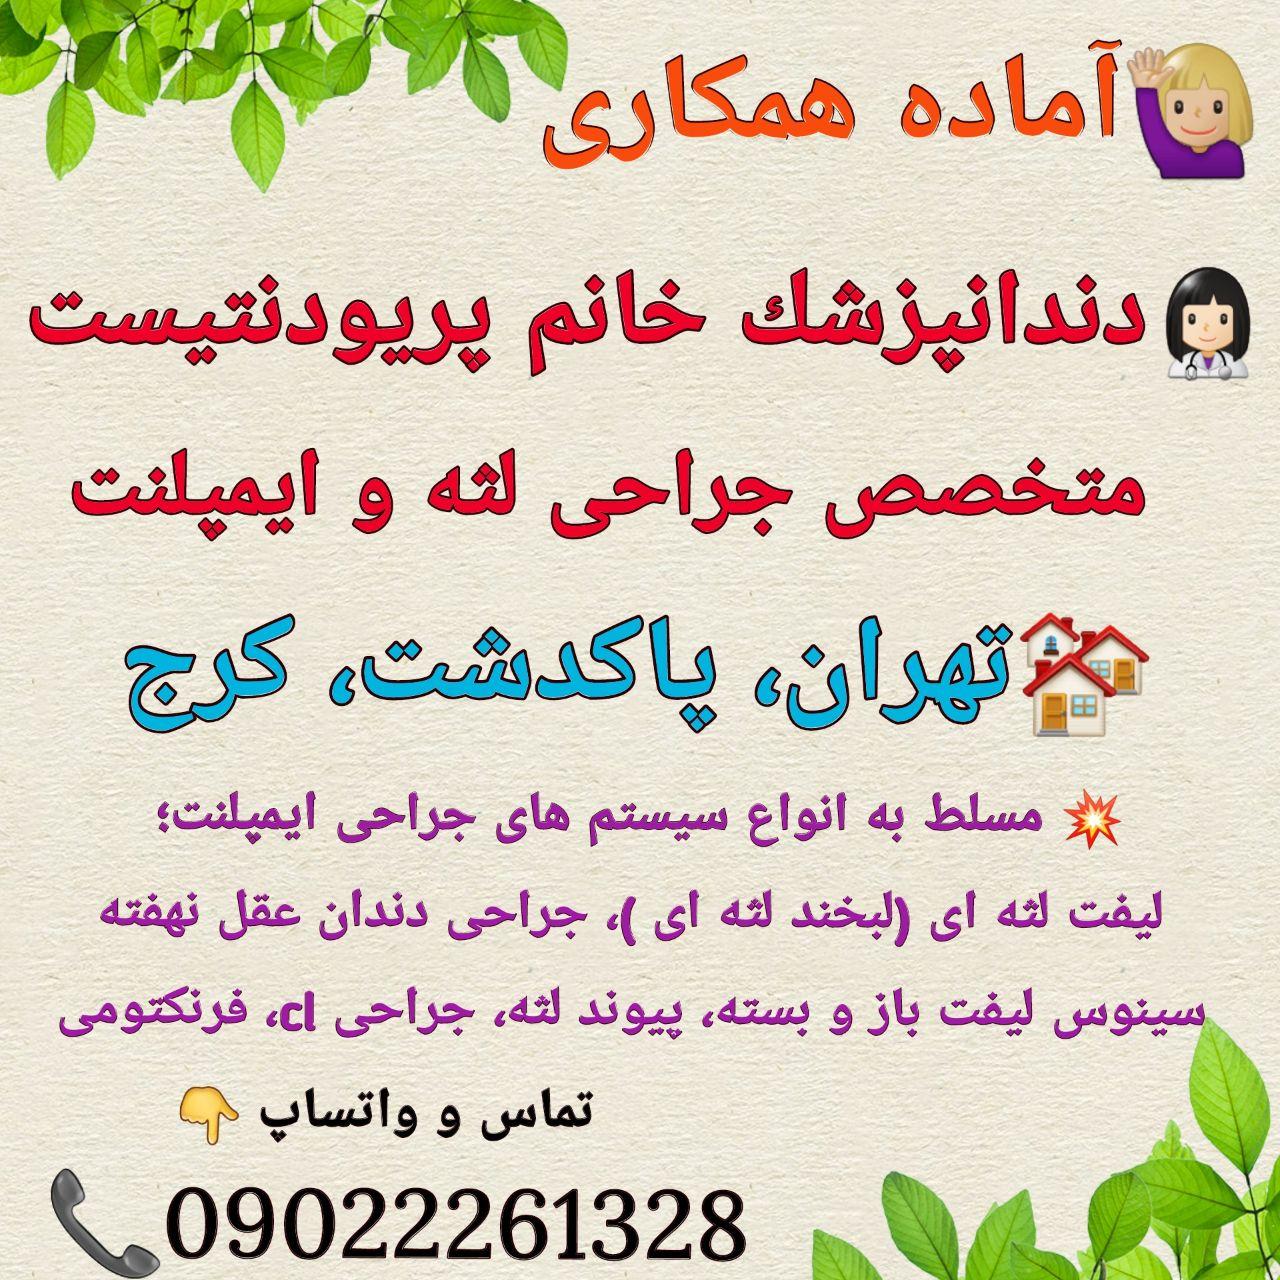 تهران، پاکدشت، کرج: آماده همکاری دندانپزشک خانم پریودنتیست، متخصص جراحی لثه و ایپملنت